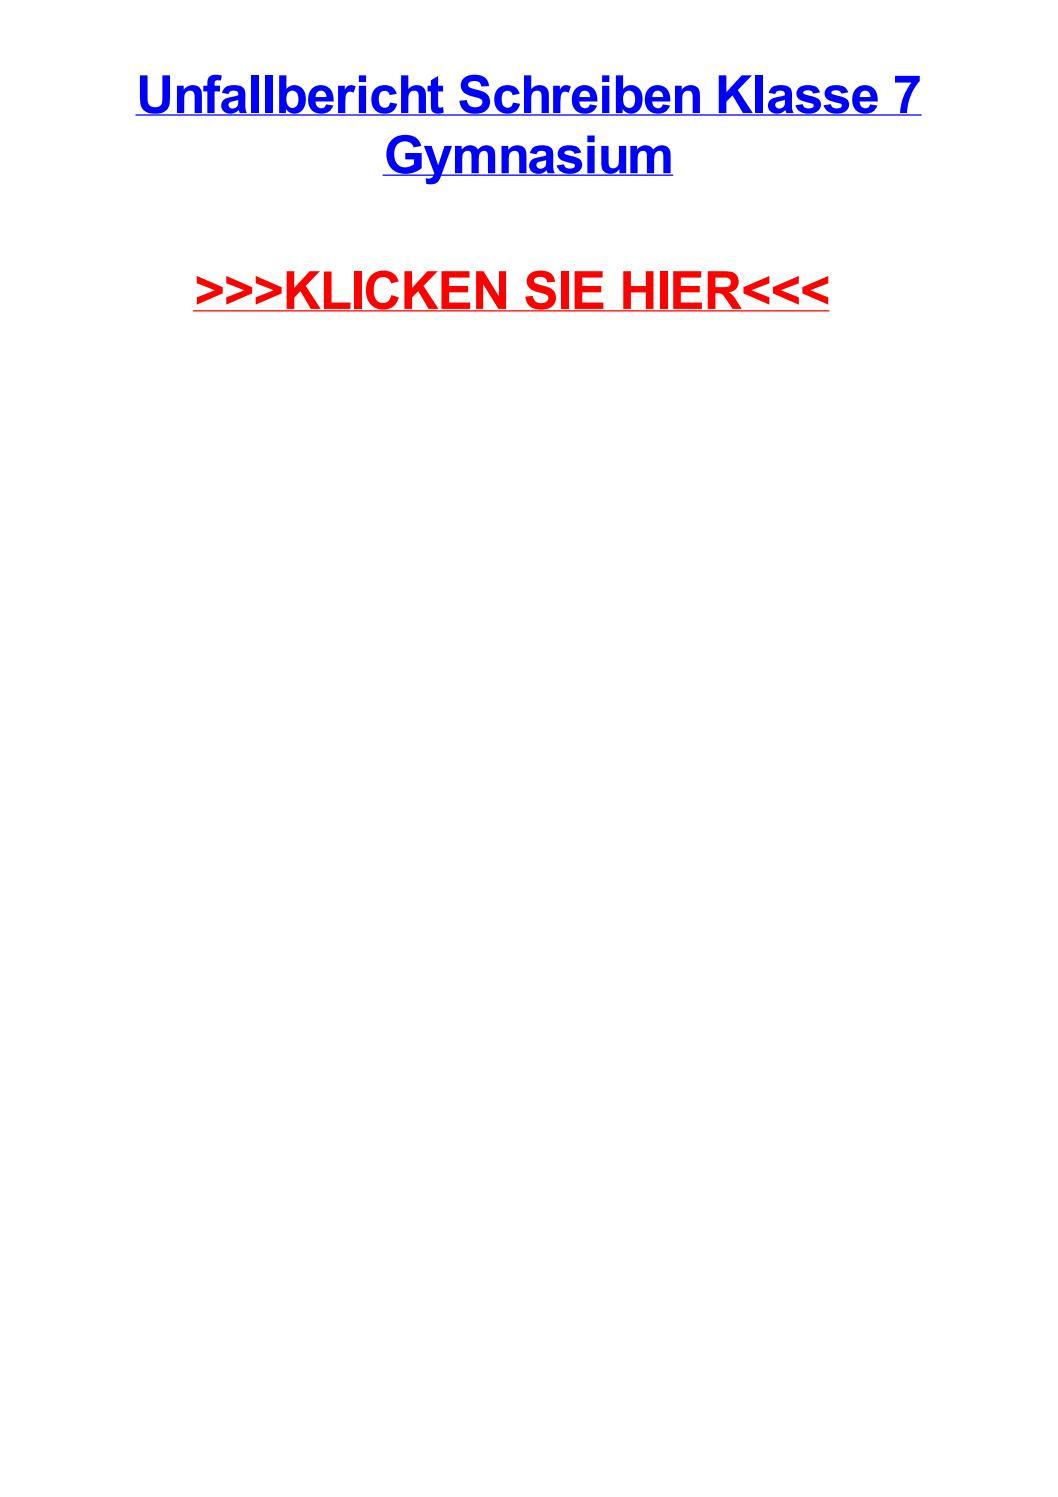 Unfallbericht schreiben klasse 7 gymnasium by laimarvhfd - issuu